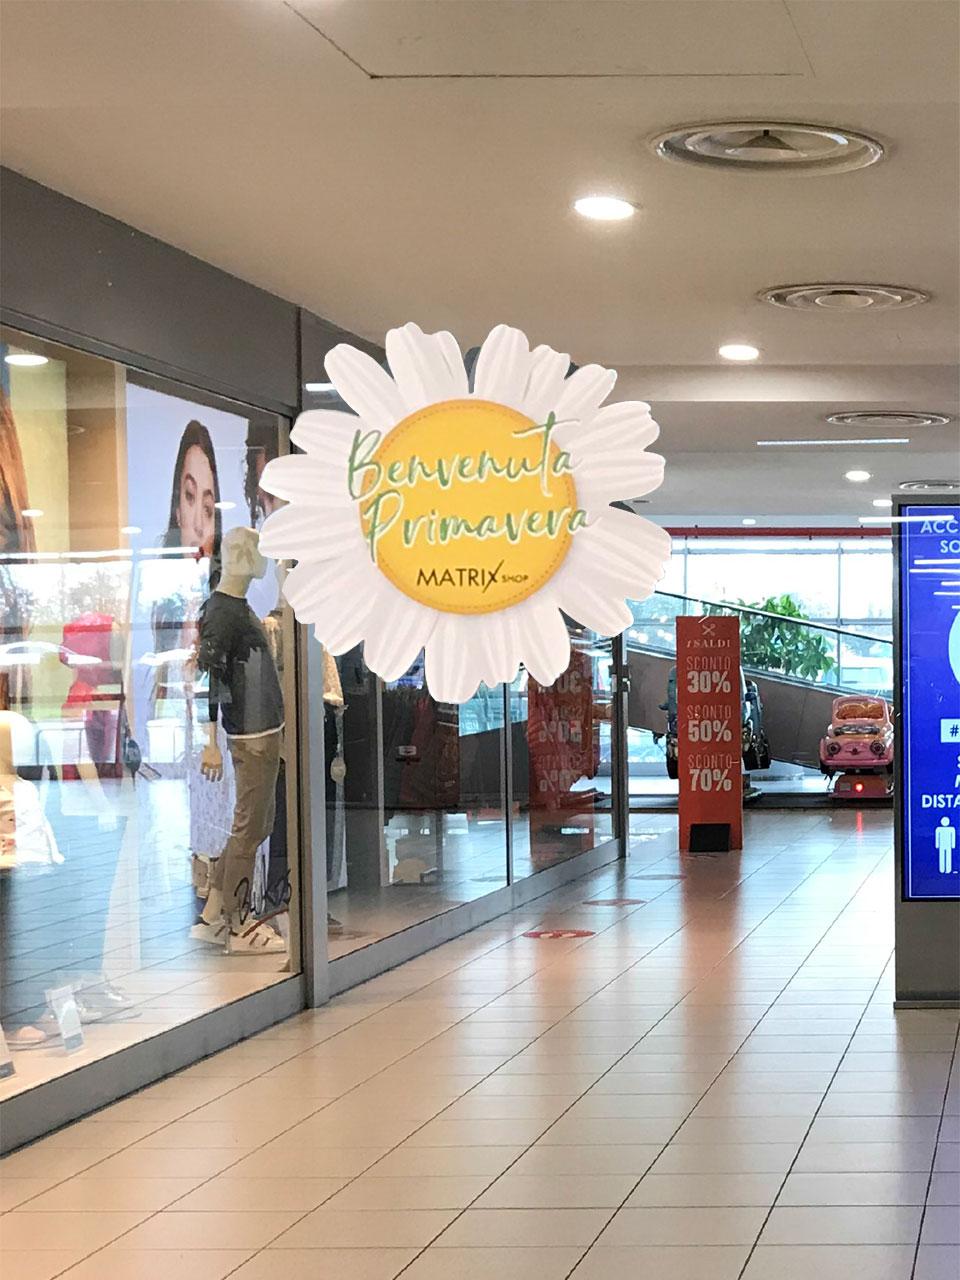 Corner Primavera 2121 - Centro Commerciale Matrix Shop